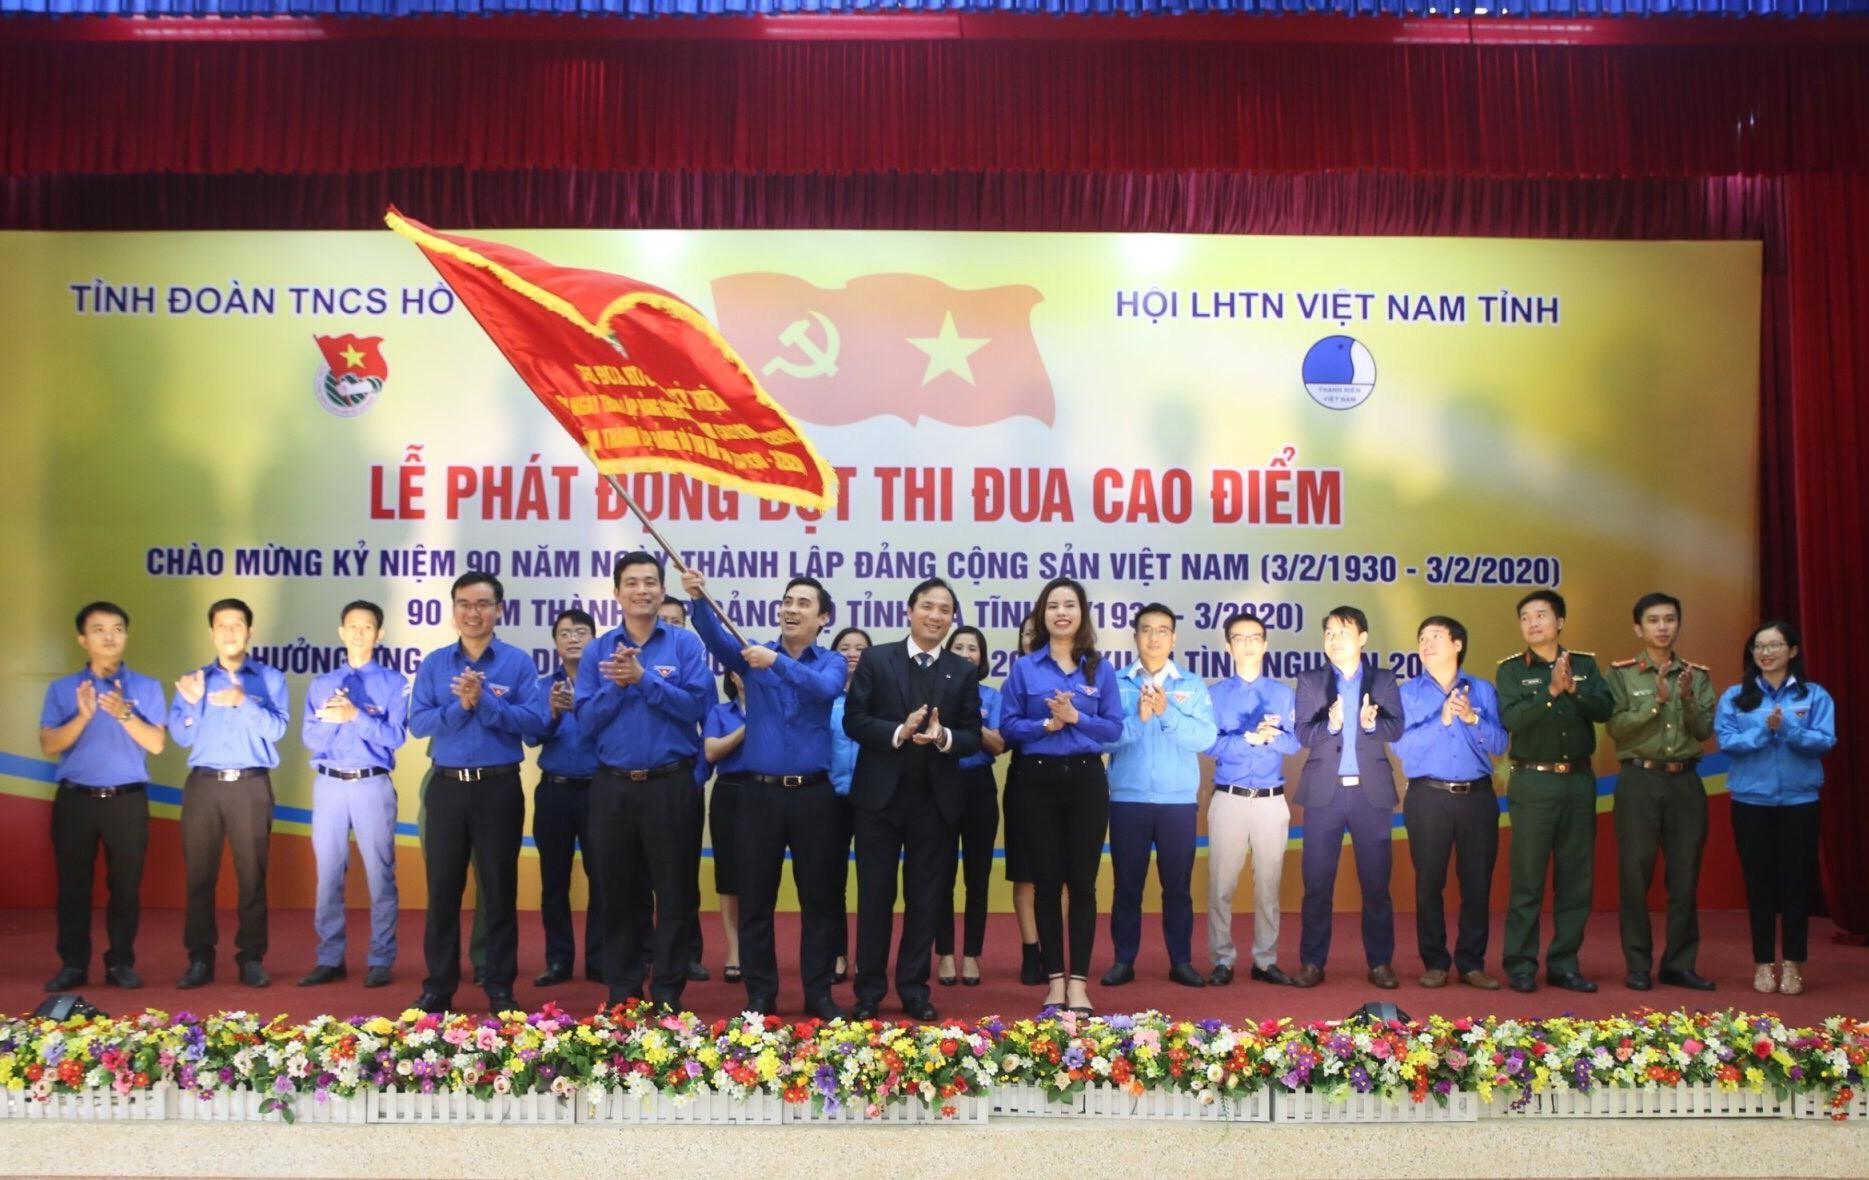 Ban Thường vụ Tỉnh đoàn phát động đợt thi đua cao điểm chào mừng Kỷ niệm 90 năm Ngày thành lập Đảng